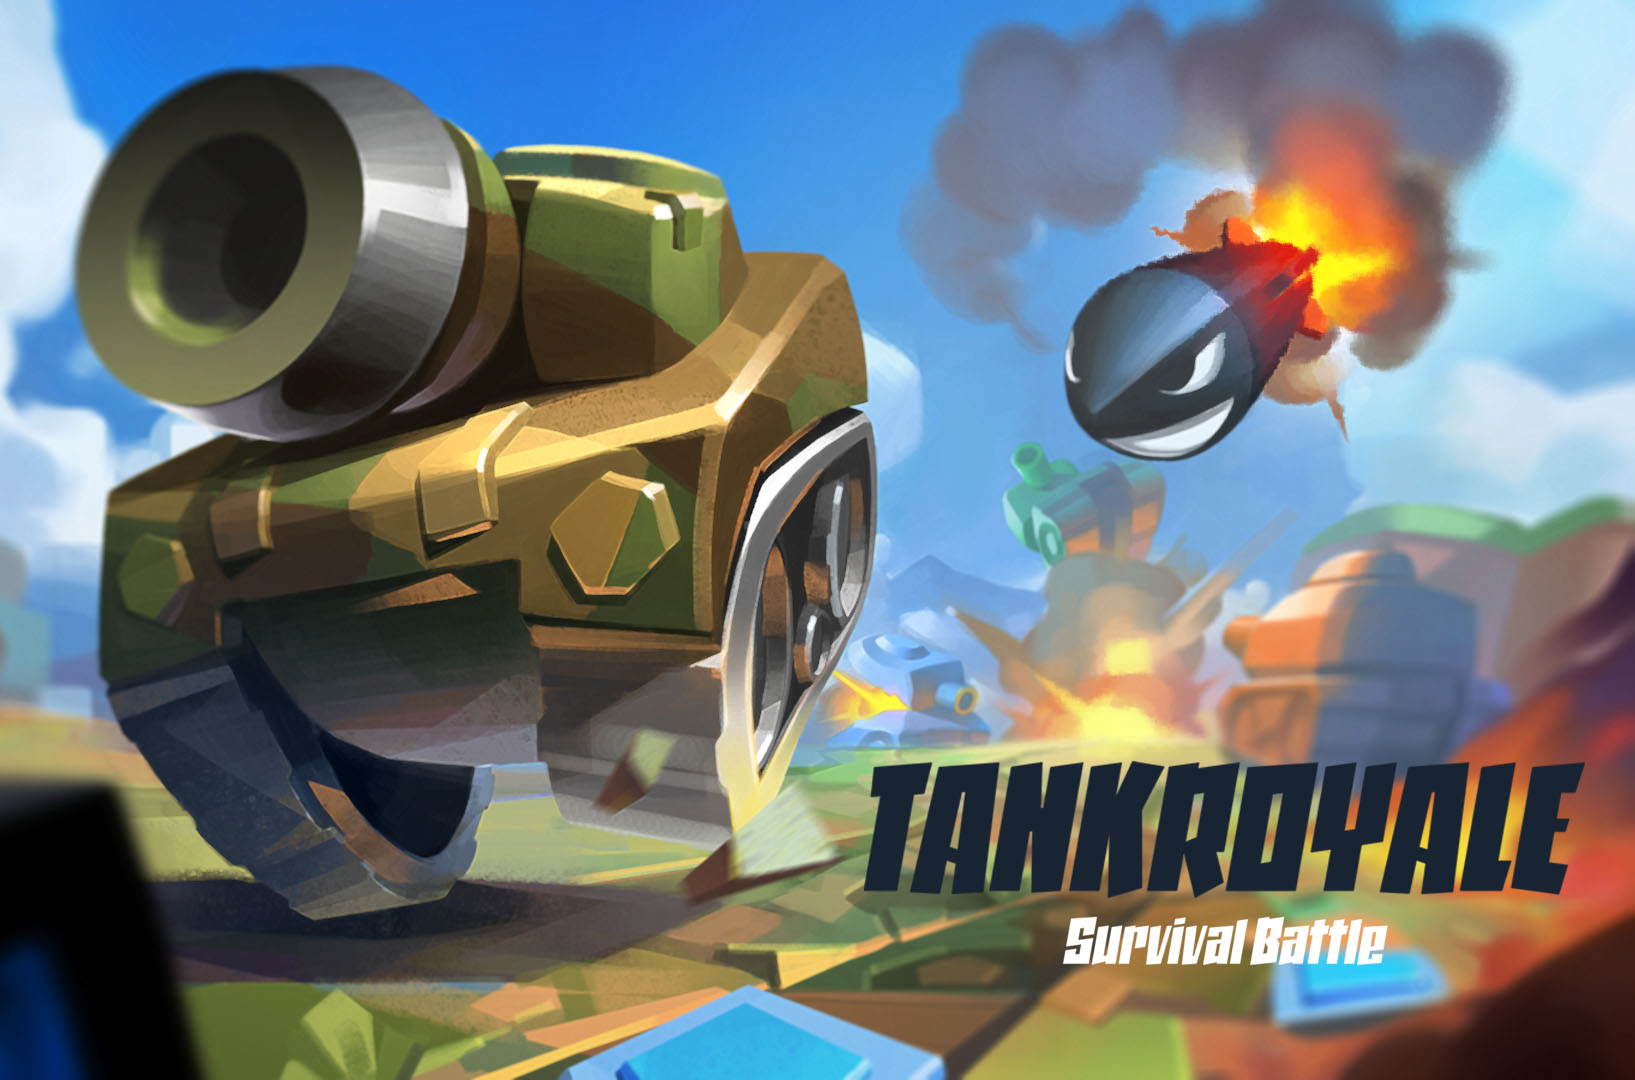 [MWU Korea 2019] Tank Royale / BSS Company